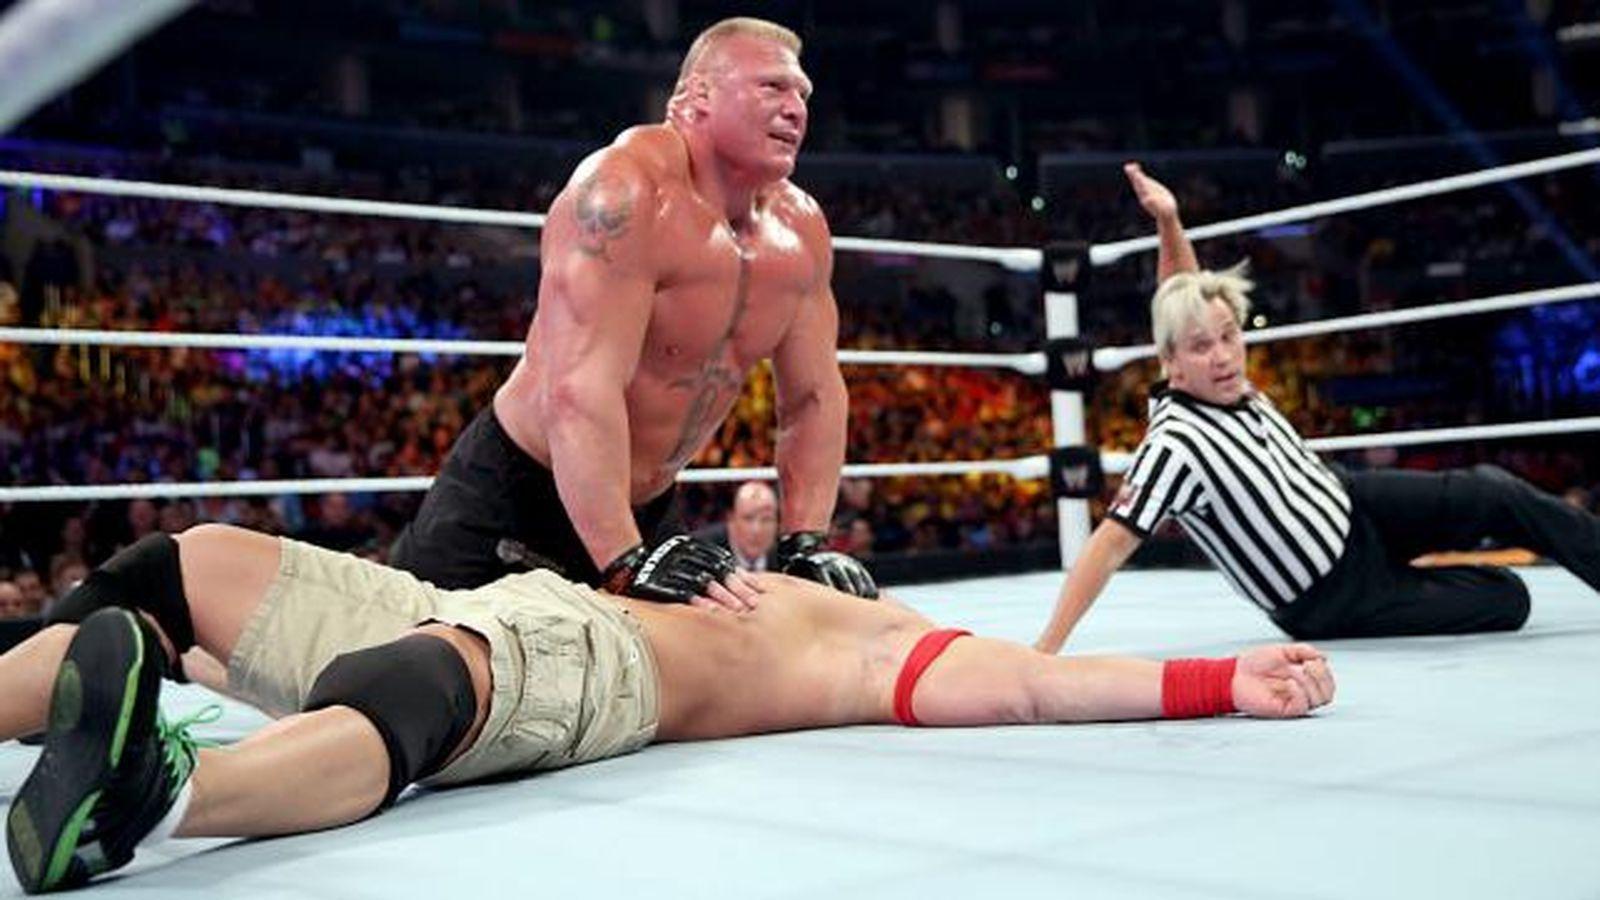 WWE Summerslam 2017 John Cena Vs Brock Lesnar Wallpapers ...